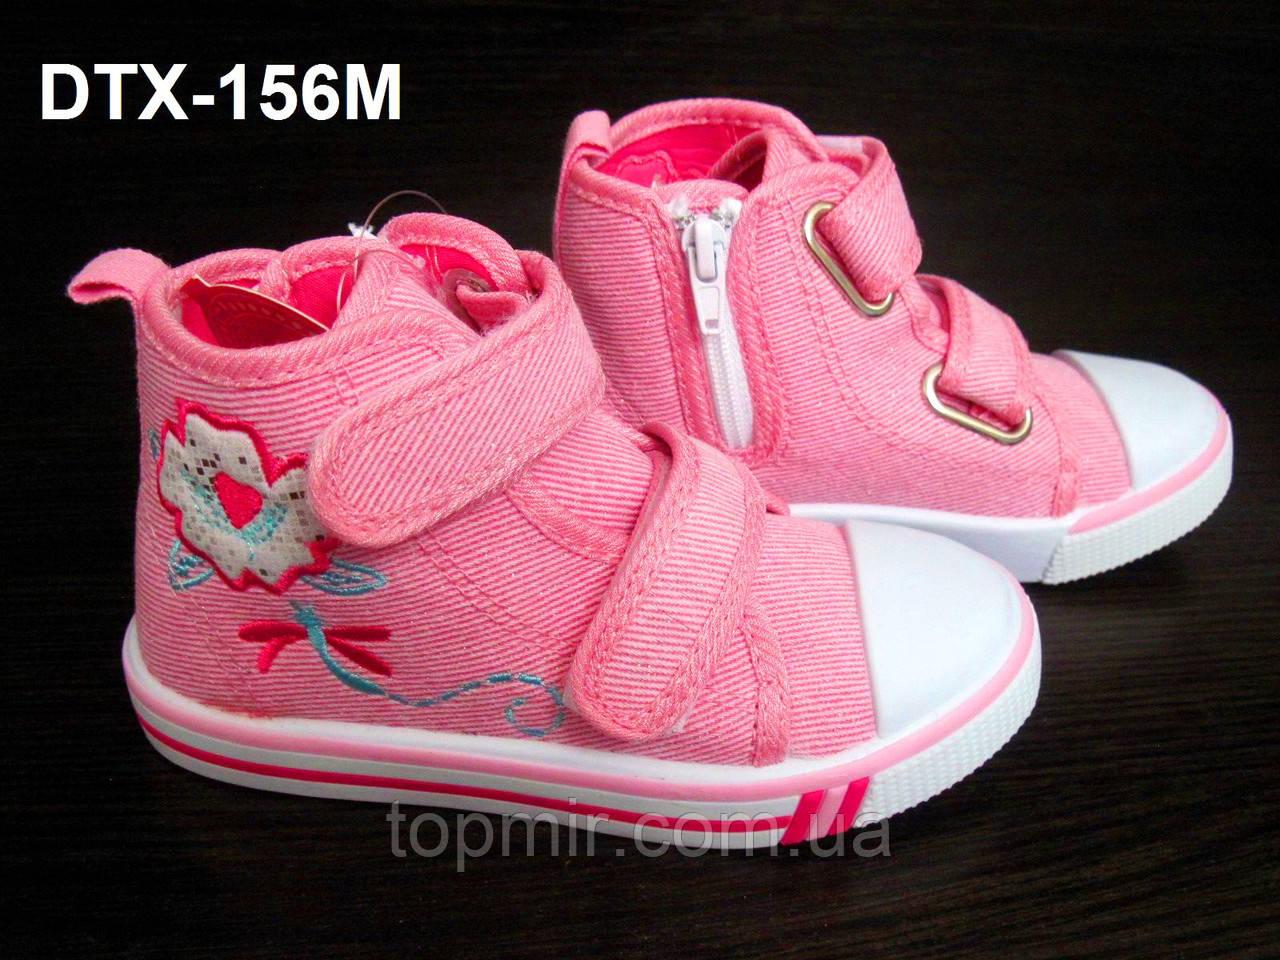 3e5d432dc384 Модные высокие детские кеды для девочки от ТМ ТОММ   продажа, цена в ...